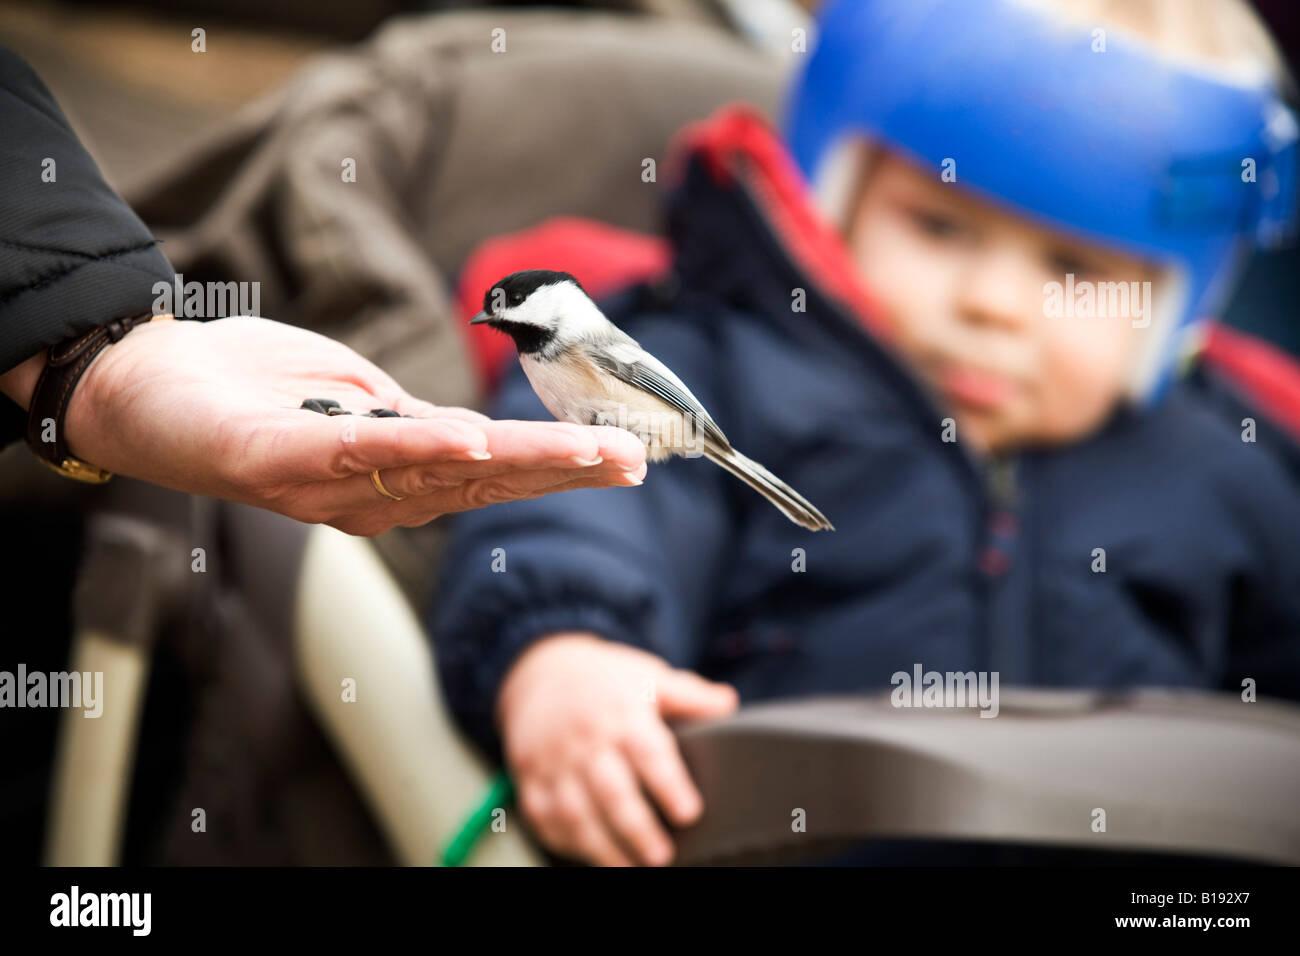 Ein Vogel aus der Hand einer Person Essen Stockfoto